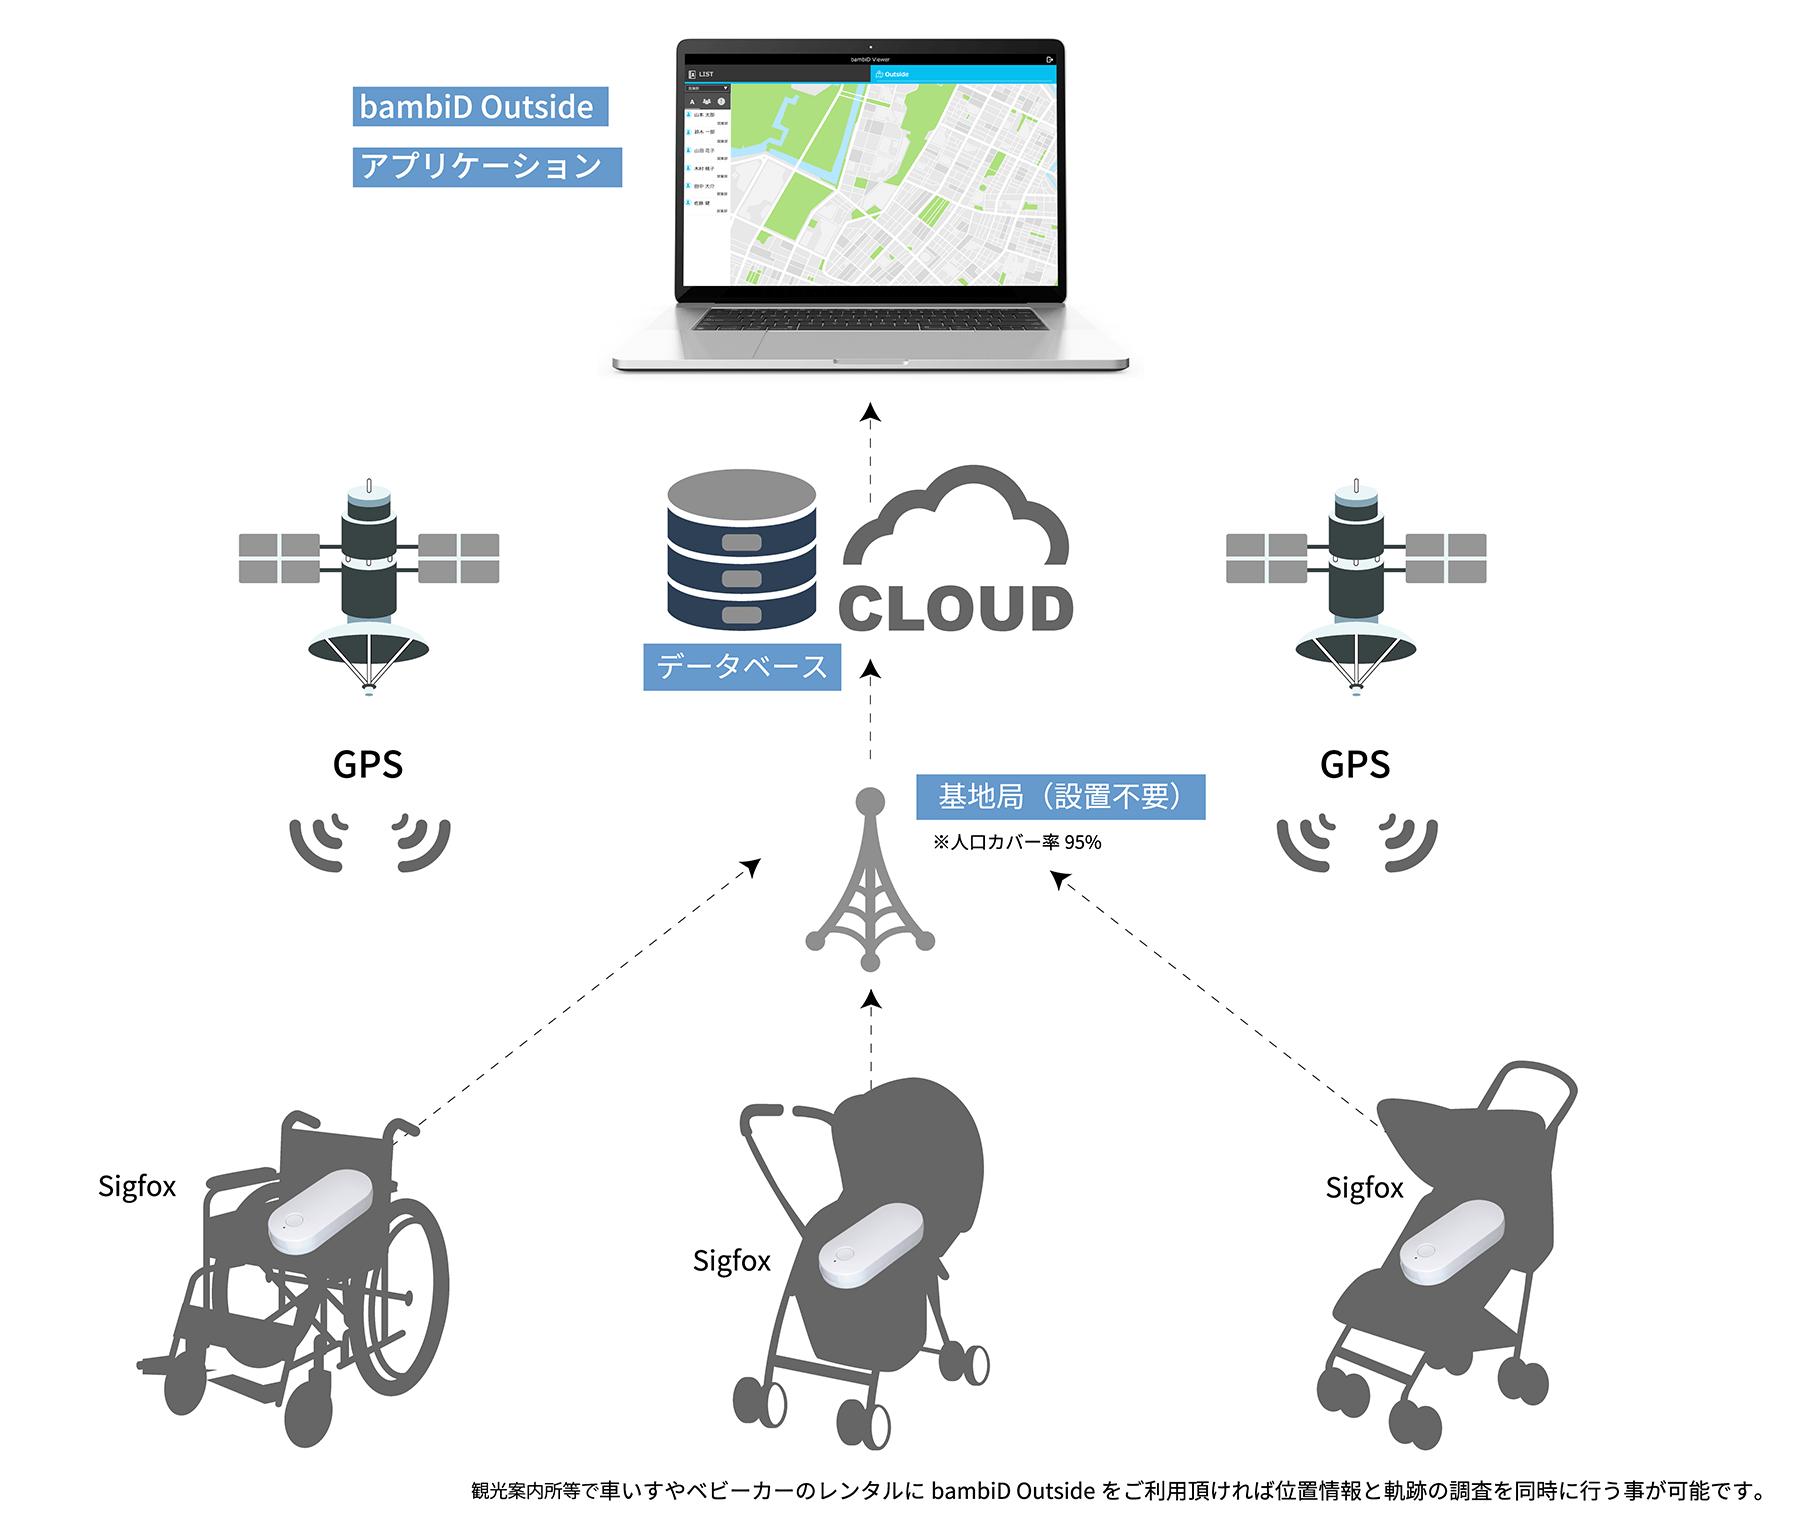 ベビーカー 車いす 貸与品管理 位置情報 IoT活用のイメージ画像